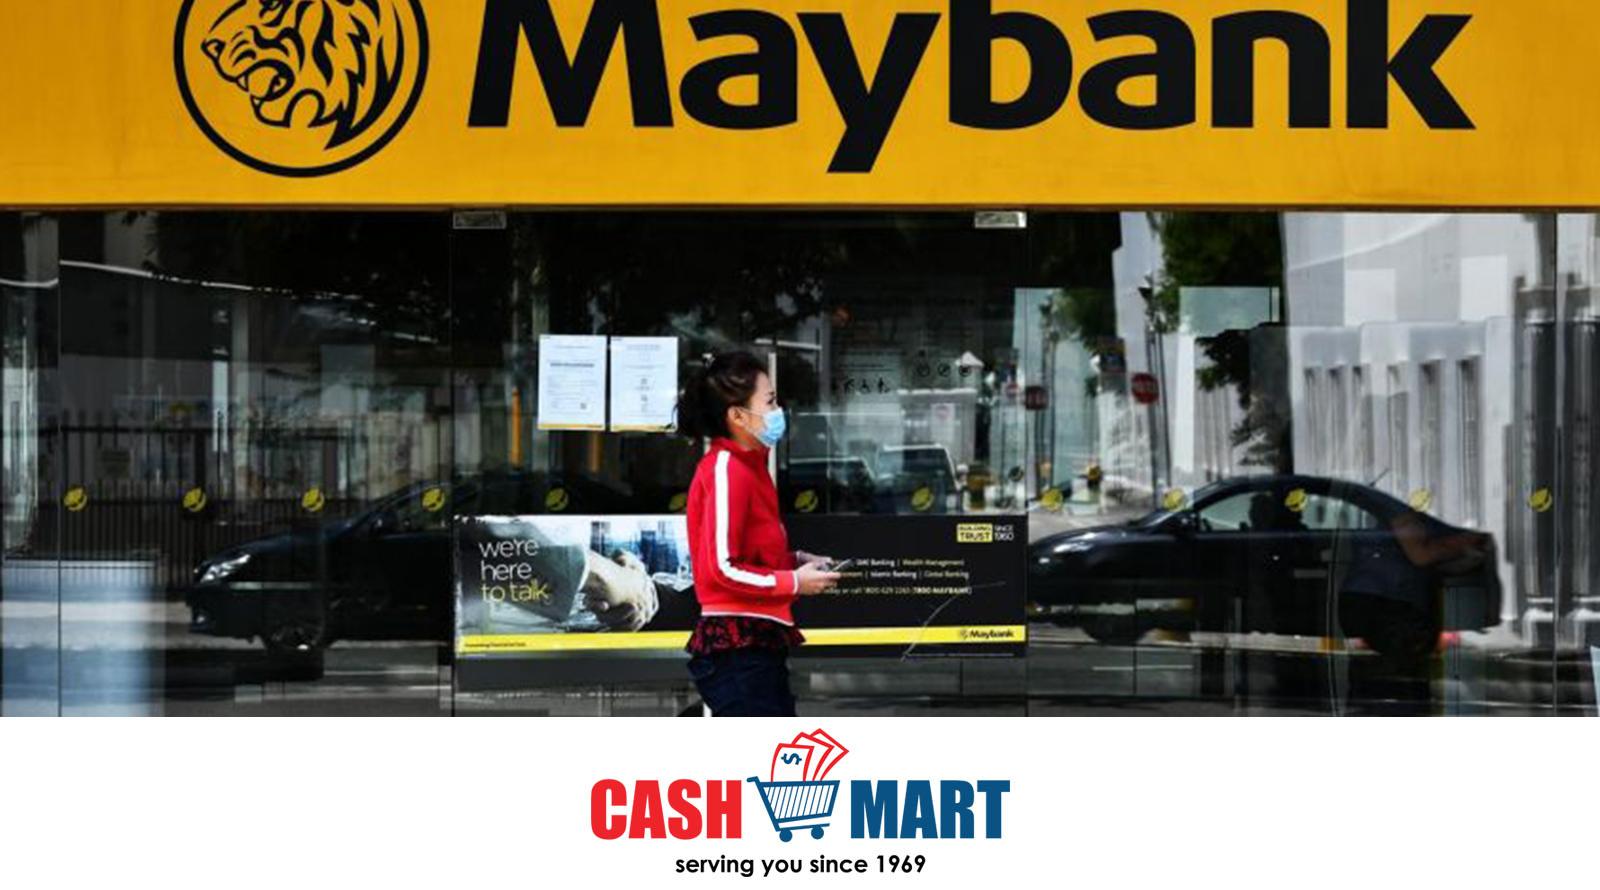 Maybank Personal Loan Singapore